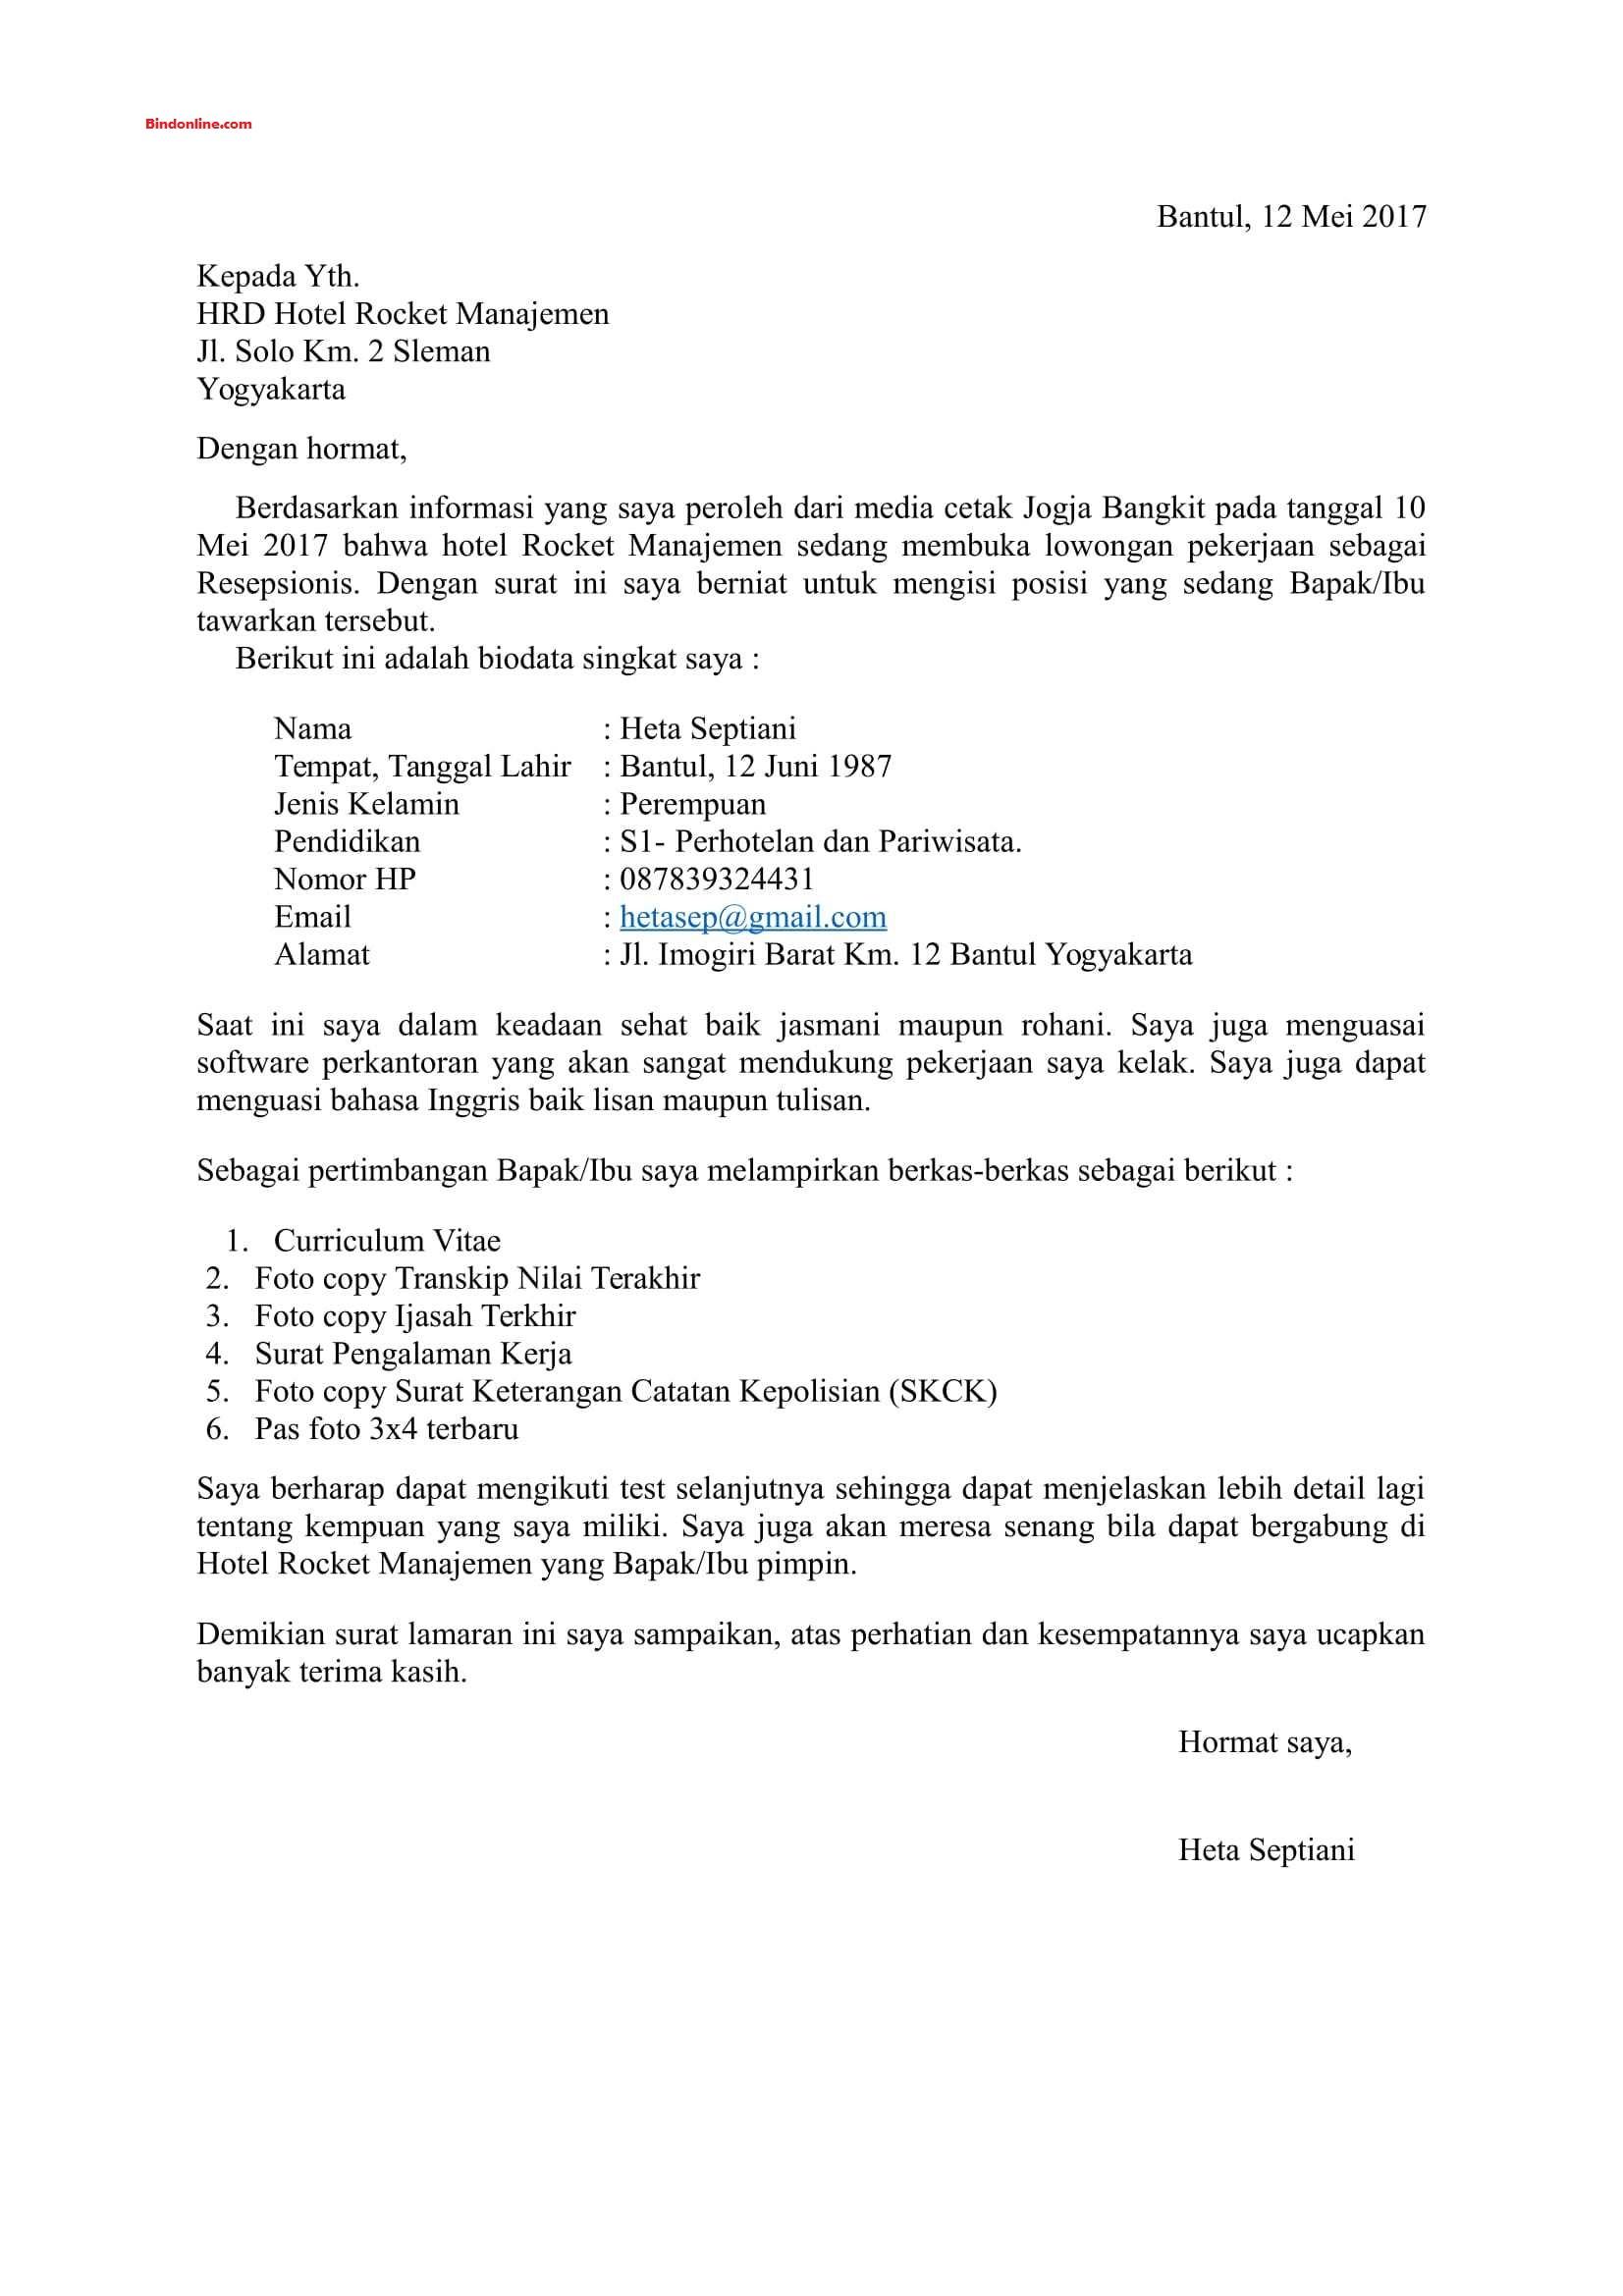 Contoh surat lamaran pekerjaan karyawan hotel